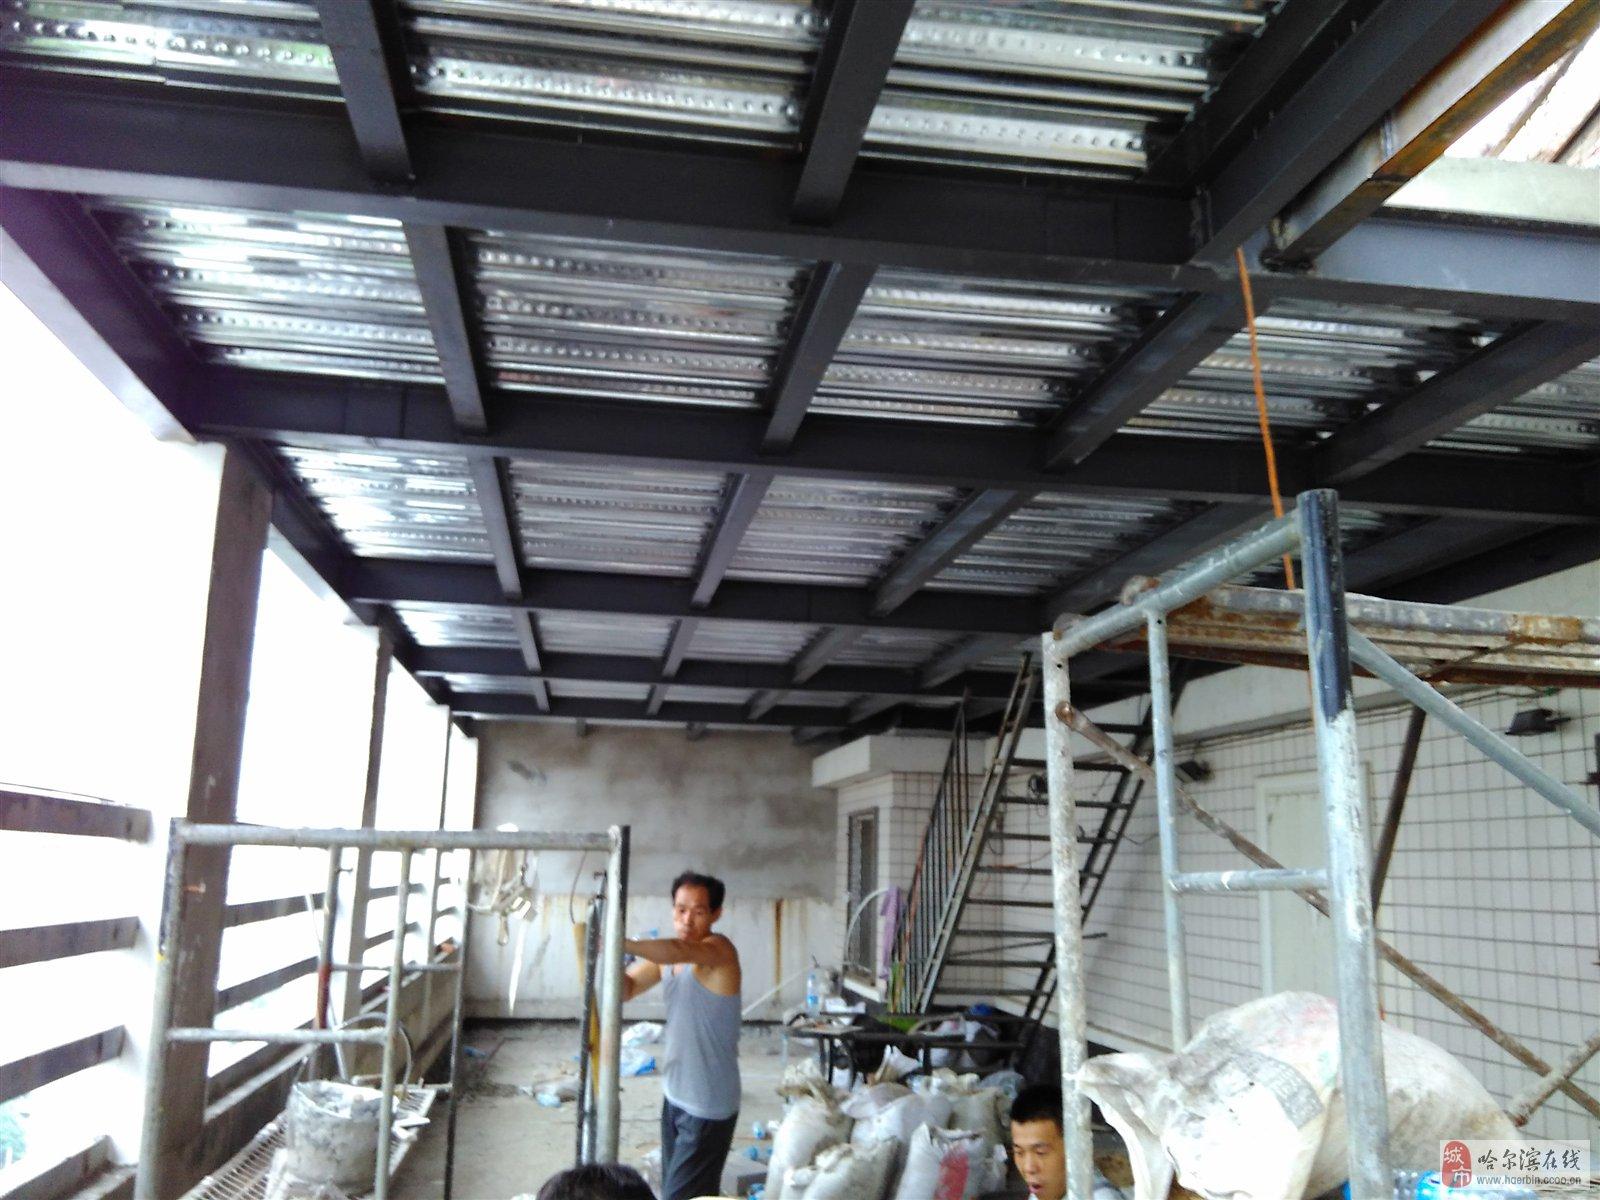 北京专业搭建房屋改造二层钢结构阁楼挑高扩建夹层13811506895本公司专业做室内阁楼加层、底商钢结构加层搭建、别墅钢结构阁楼制作 、家庭钢结构阁楼安装、钢楼梯焊接、二层钢结构制作、挑空隔层搭建、室内钢结构隔断搭建 楼房加层、专业二层搭建、楼顶加层、钢结构阁楼制作安装、别墅夹层、别墅改造、厂房隔层搭建、加层加顶、复式层阁楼、商铺阁楼、房屋改造加固,***式阁楼设计施工。 随着越来越多层高在5~6米,可自由分割空间的不断兴起,我们利用轻钢结构加上高强度水泥楼板就可以自己轻松的做跃层,一层 变二层,让原有的